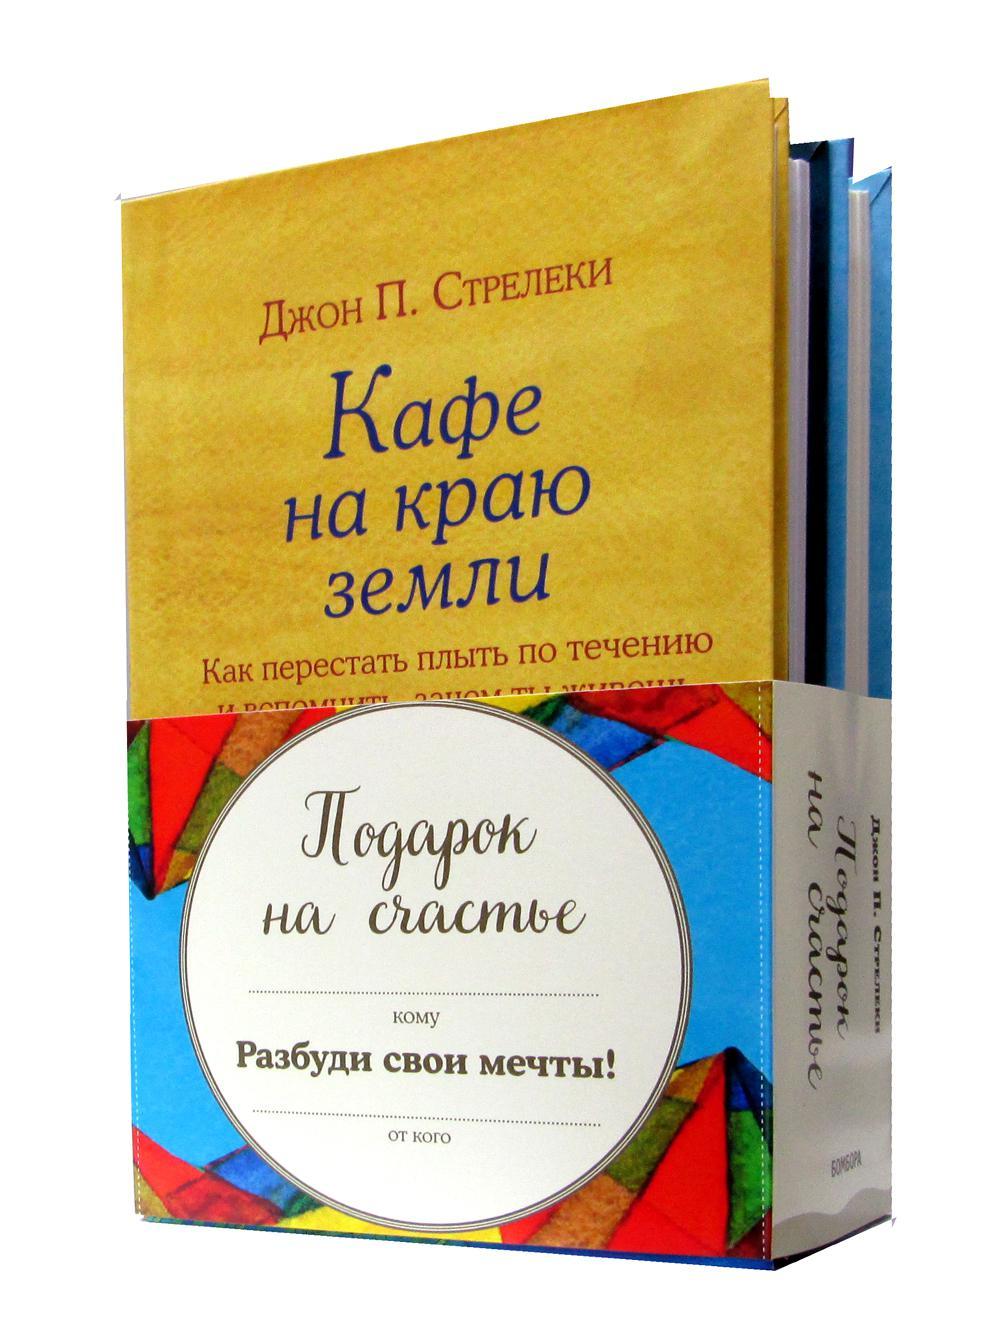 Подарок на счастье от Джона Стрелеки